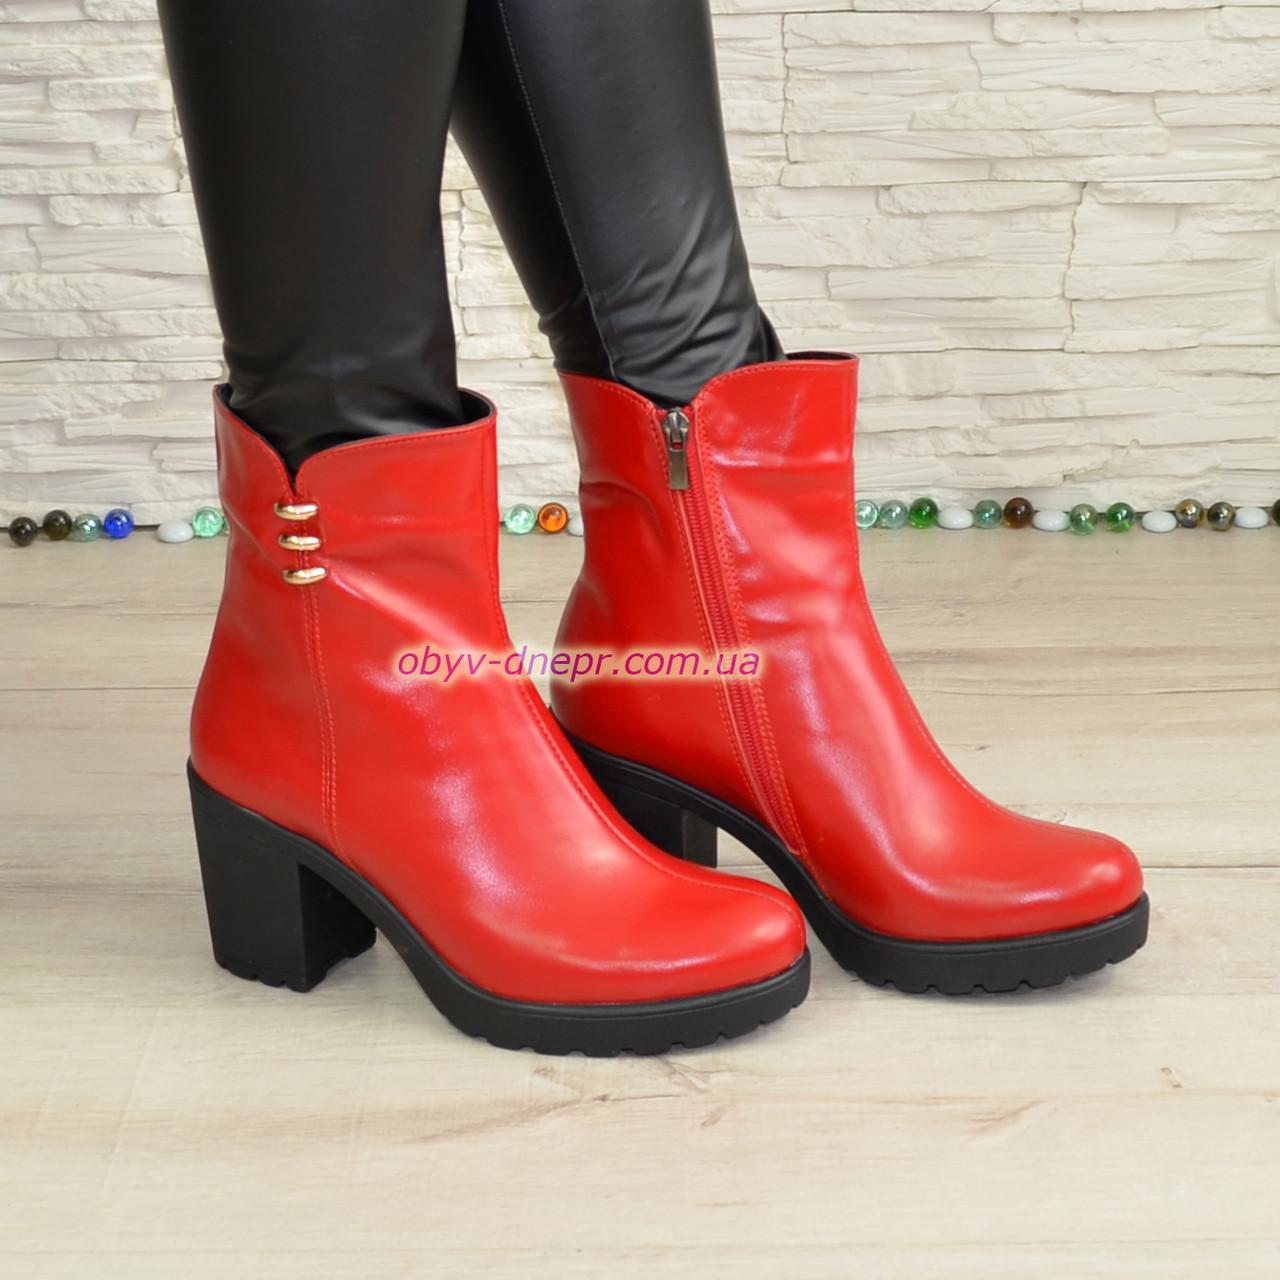 Ботинки кожаные зимние женские на устойчивом каблуке, цвет красный